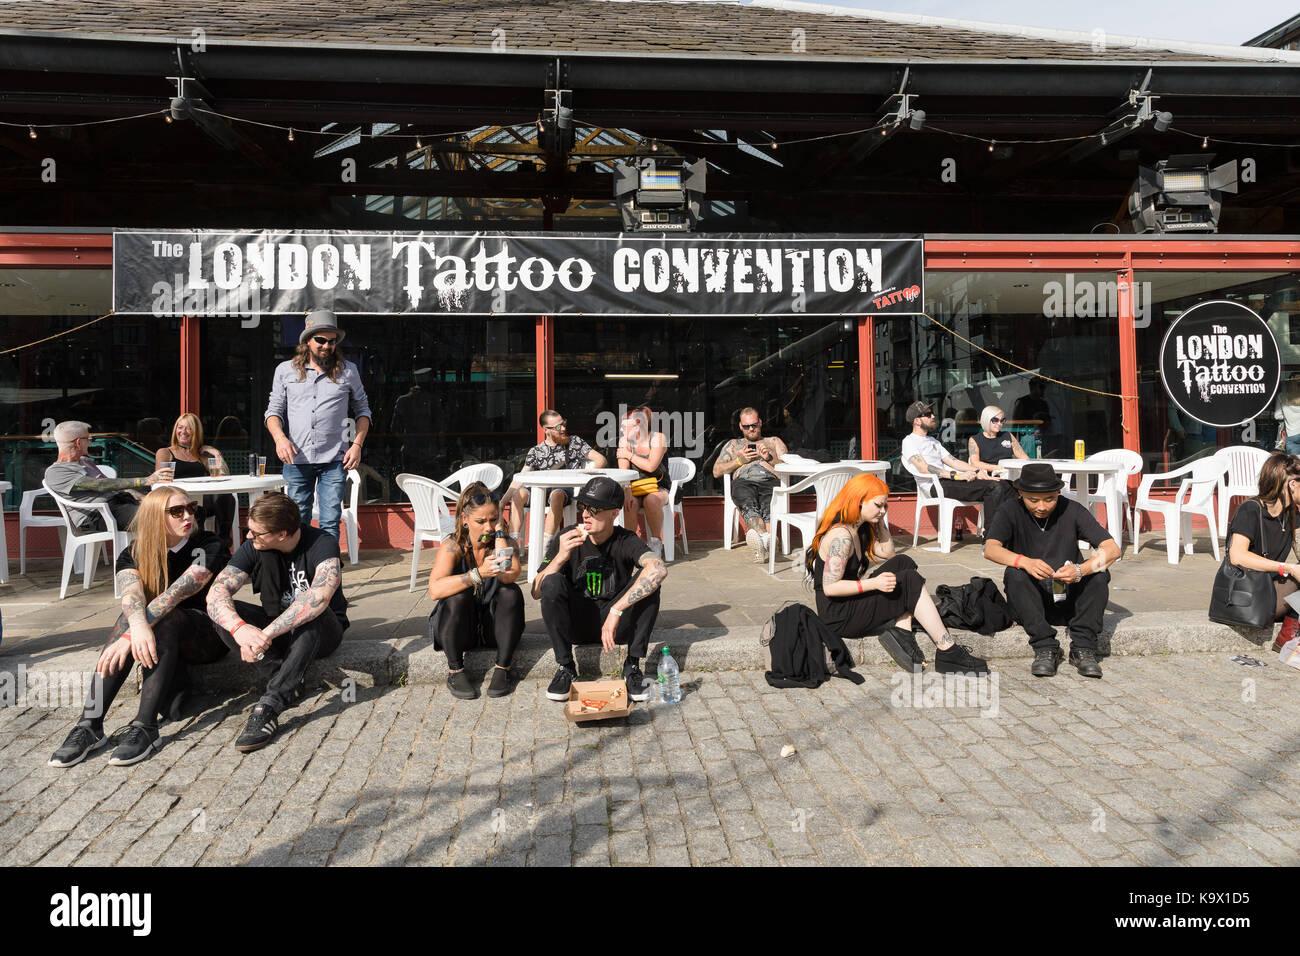 Londres, Reino Unido. 24 de septiembre de 2017. Los visitantes de fuera de la LONDON Tattoo Convention 2017 celebrada Foto de stock